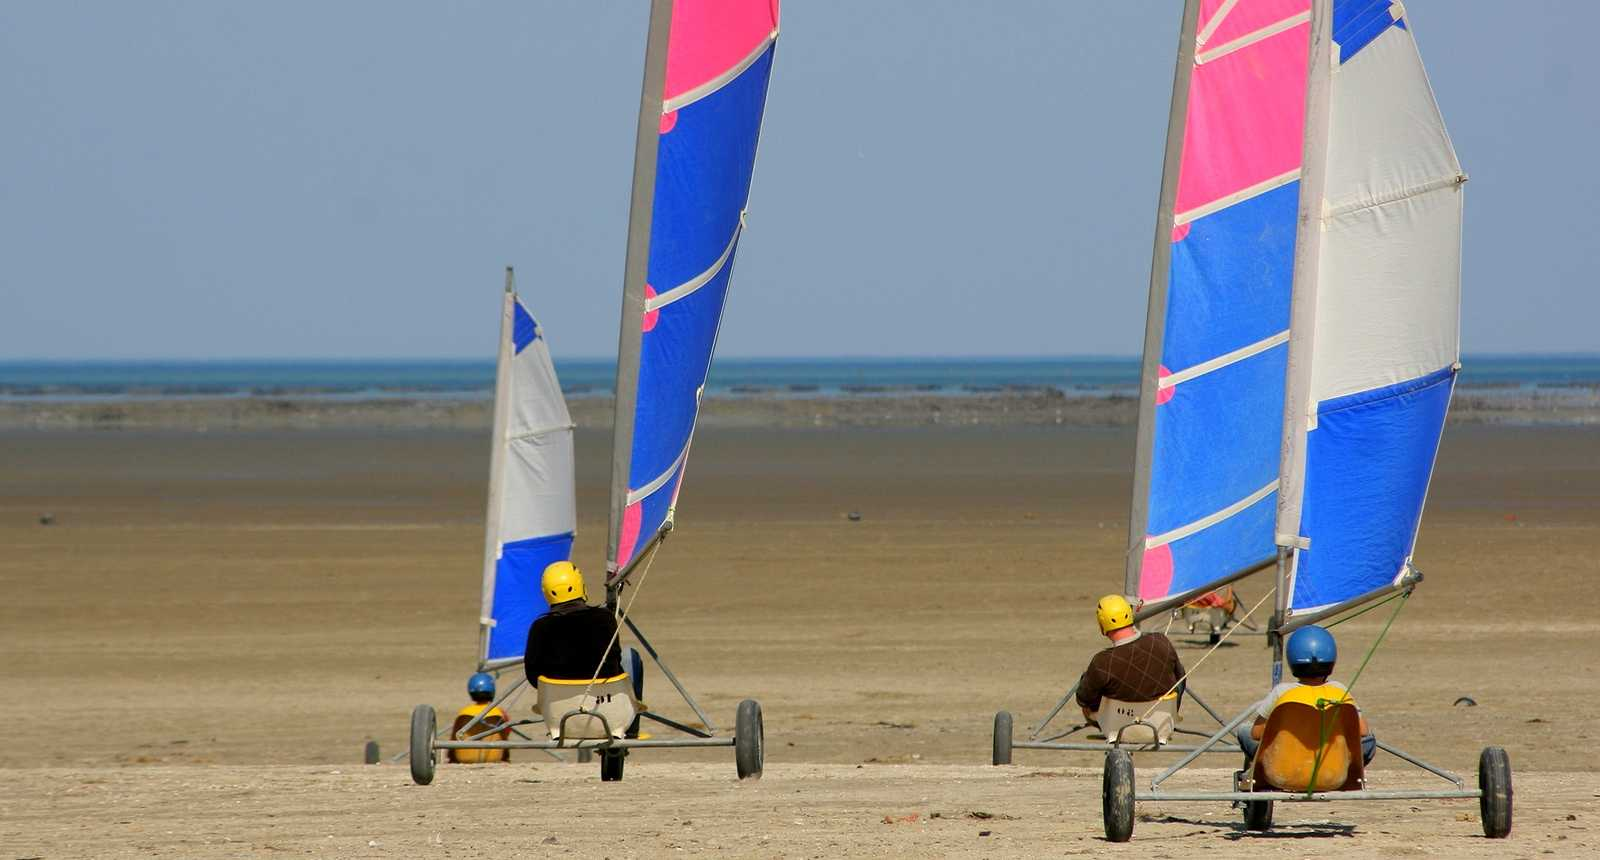 Chars à voile sur une plage de la Baie de Somme